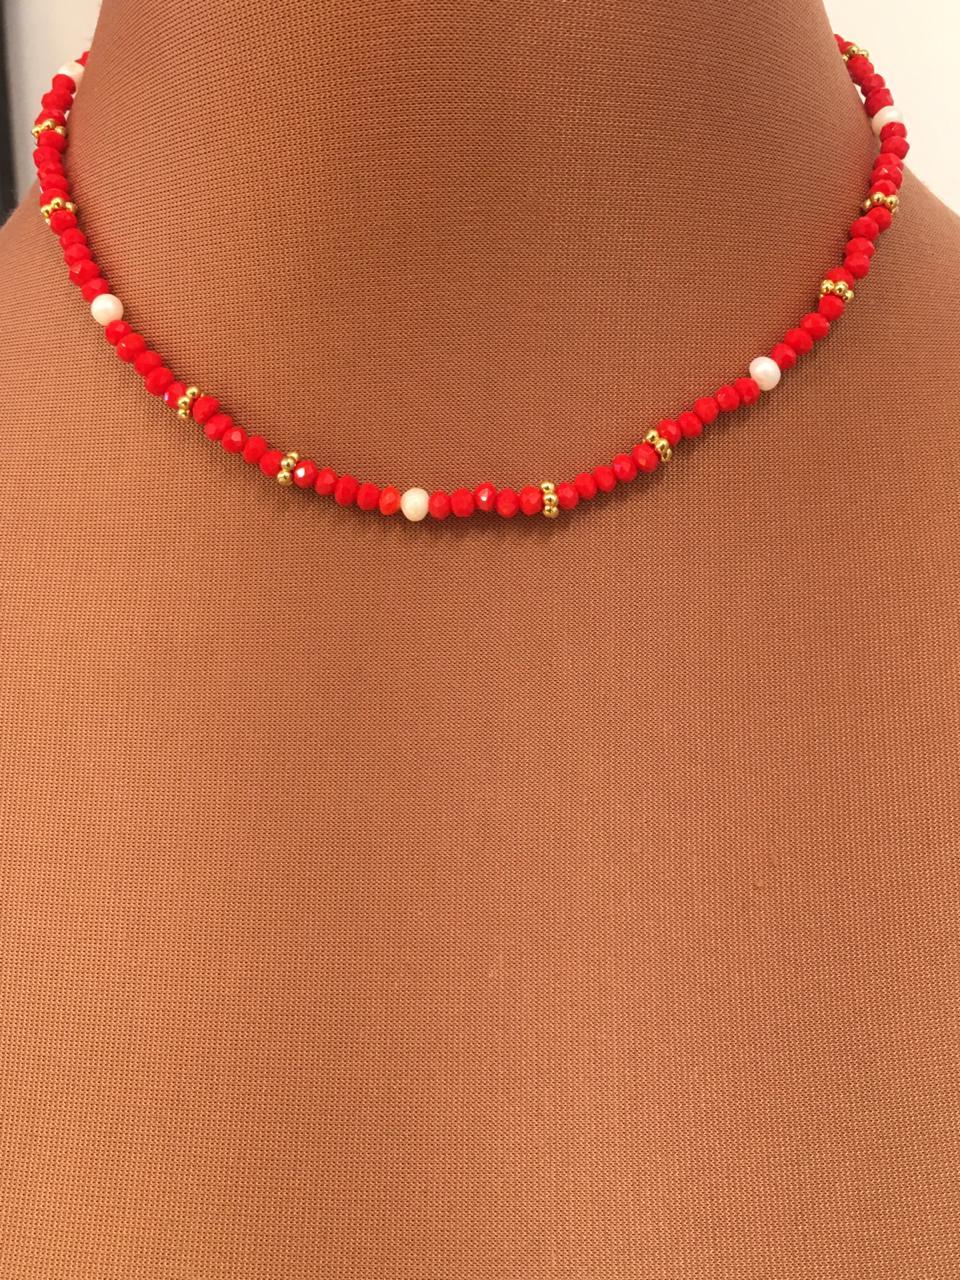 Colar Artesanal de cristais vermelhos com pérolas e detalhes dourados | CAF139